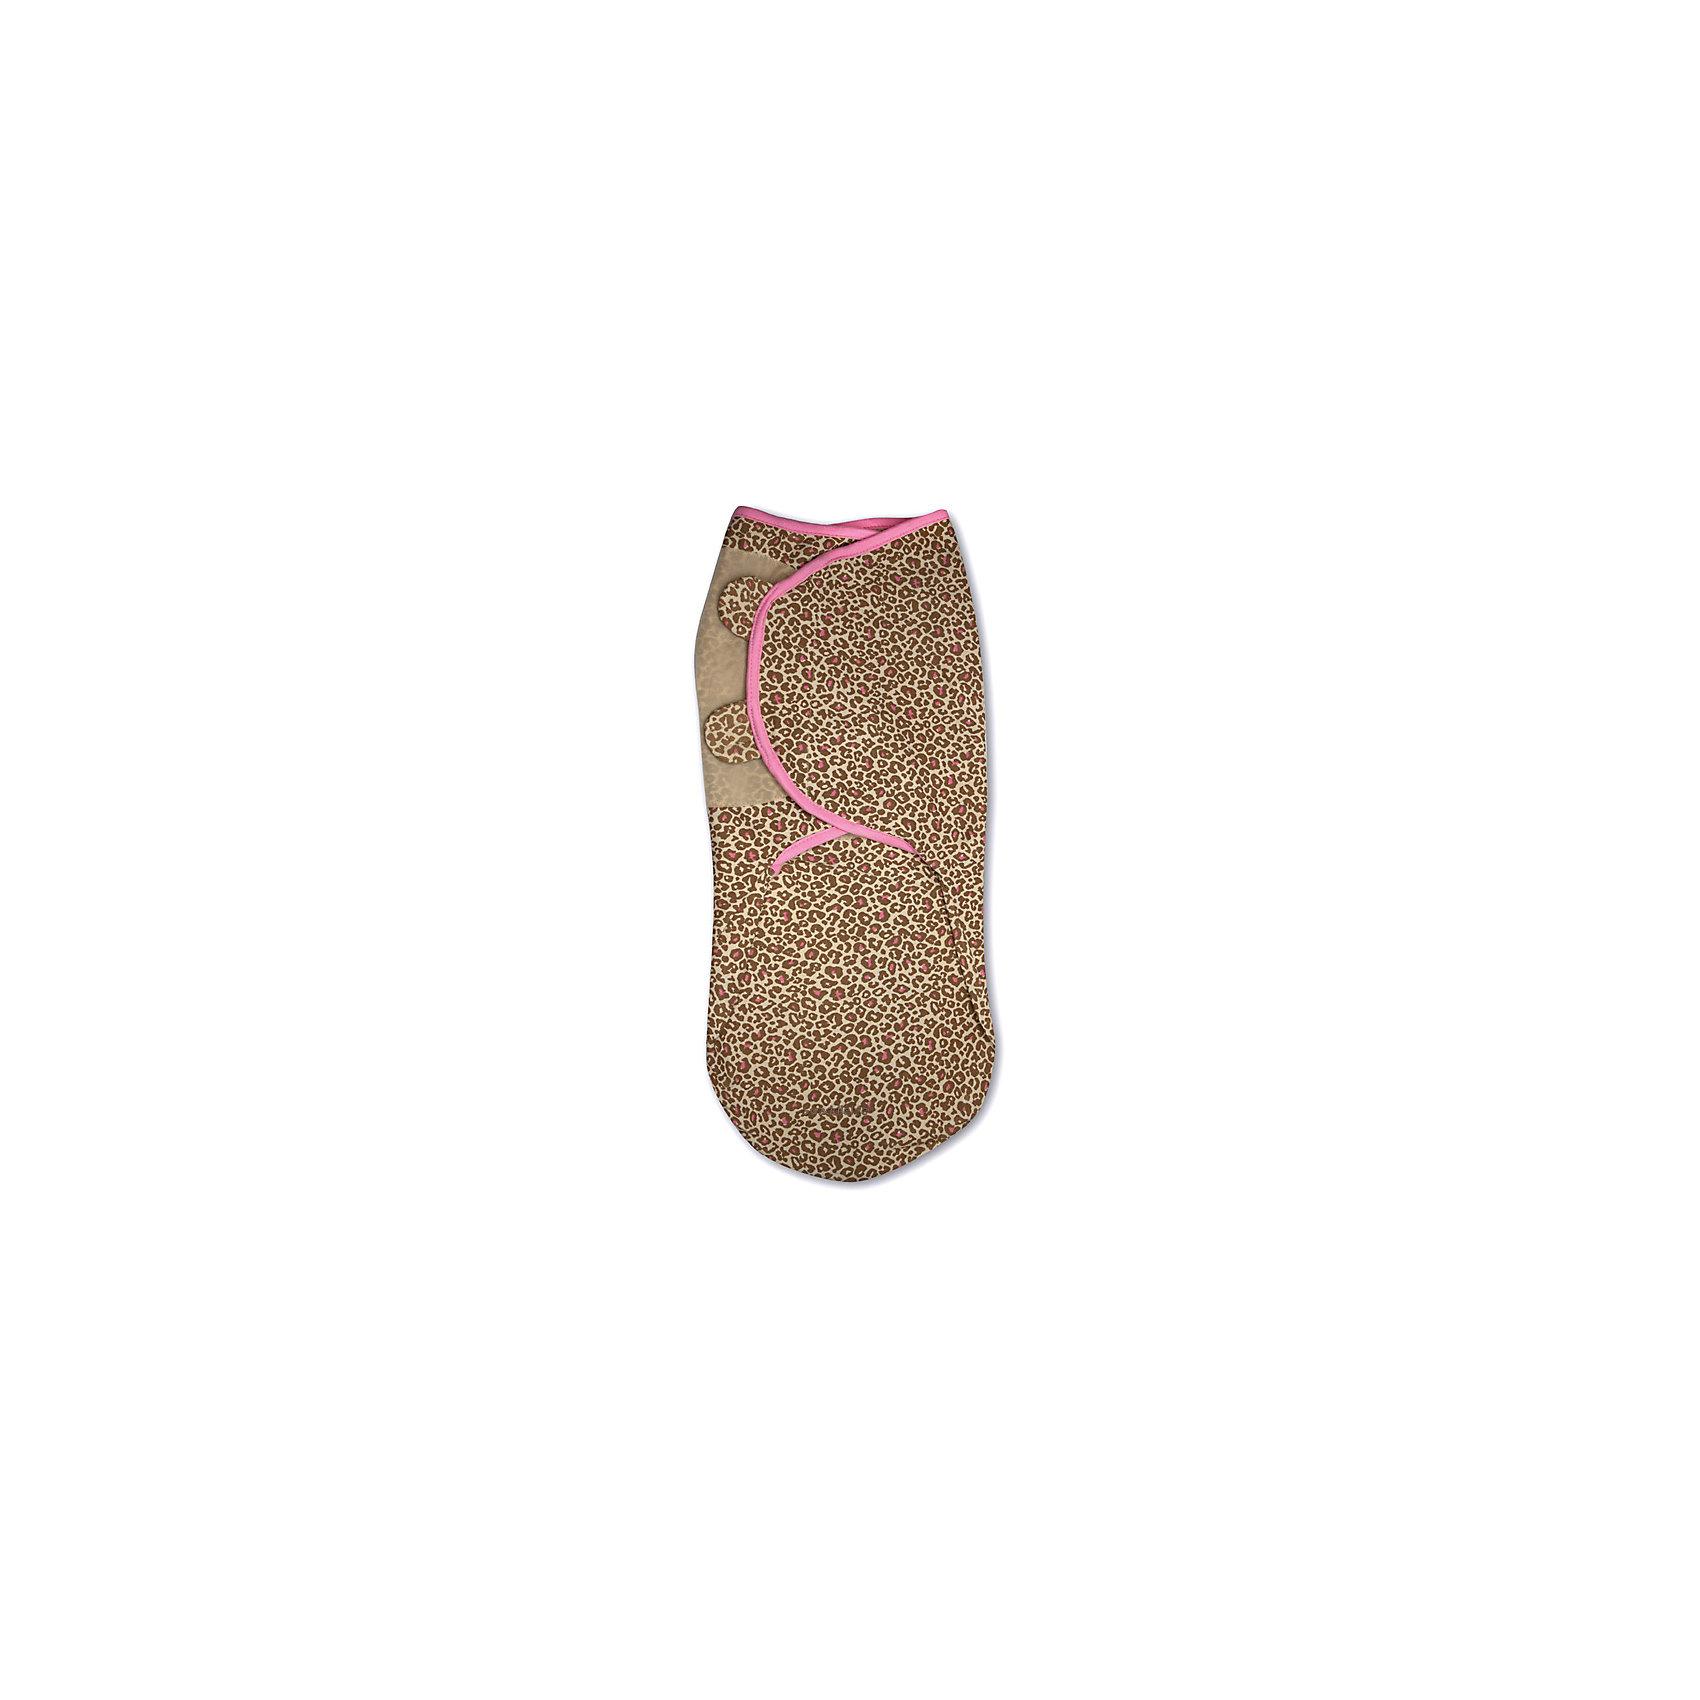 Конверт для пеленания на липучке, SWADDLEME®, р-р L, леопард